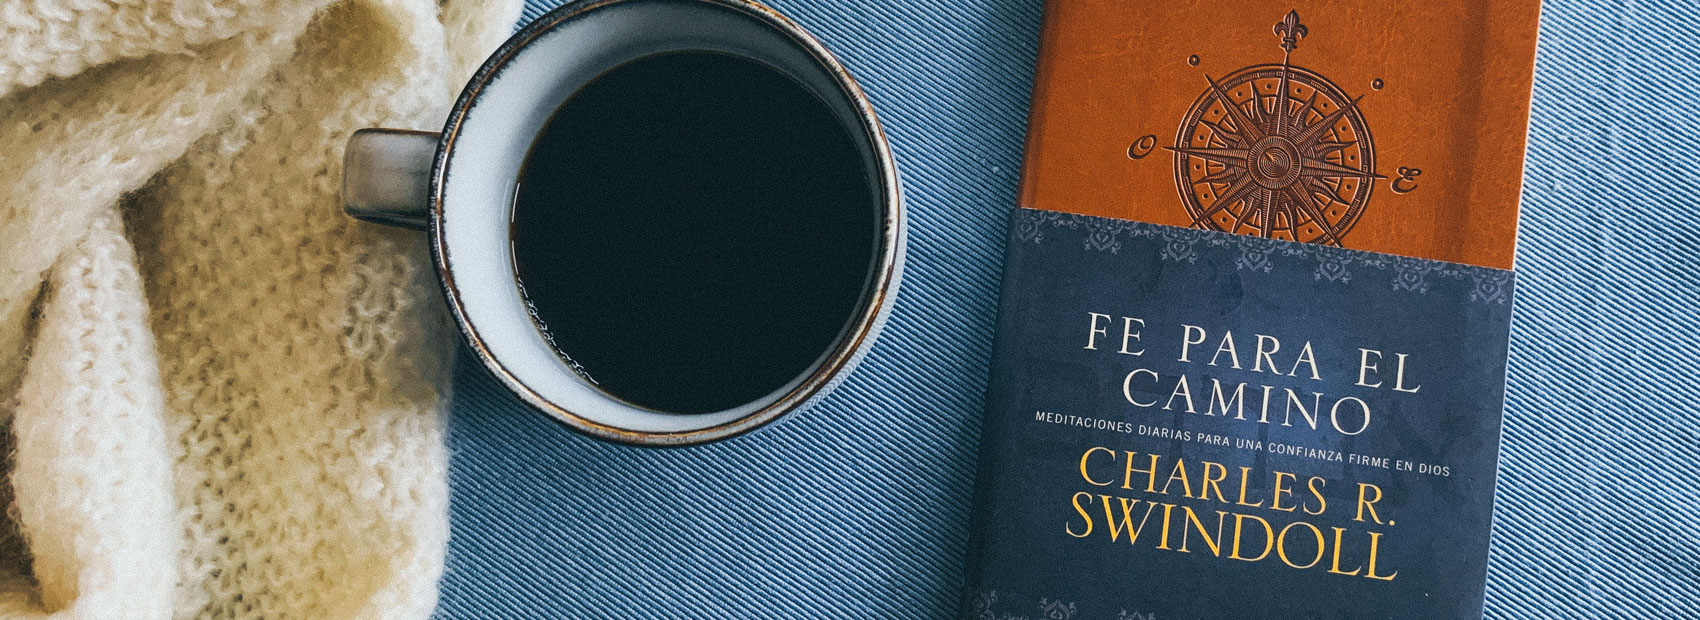 Fotografía de fe para el camino - suscripción al devocional semanal